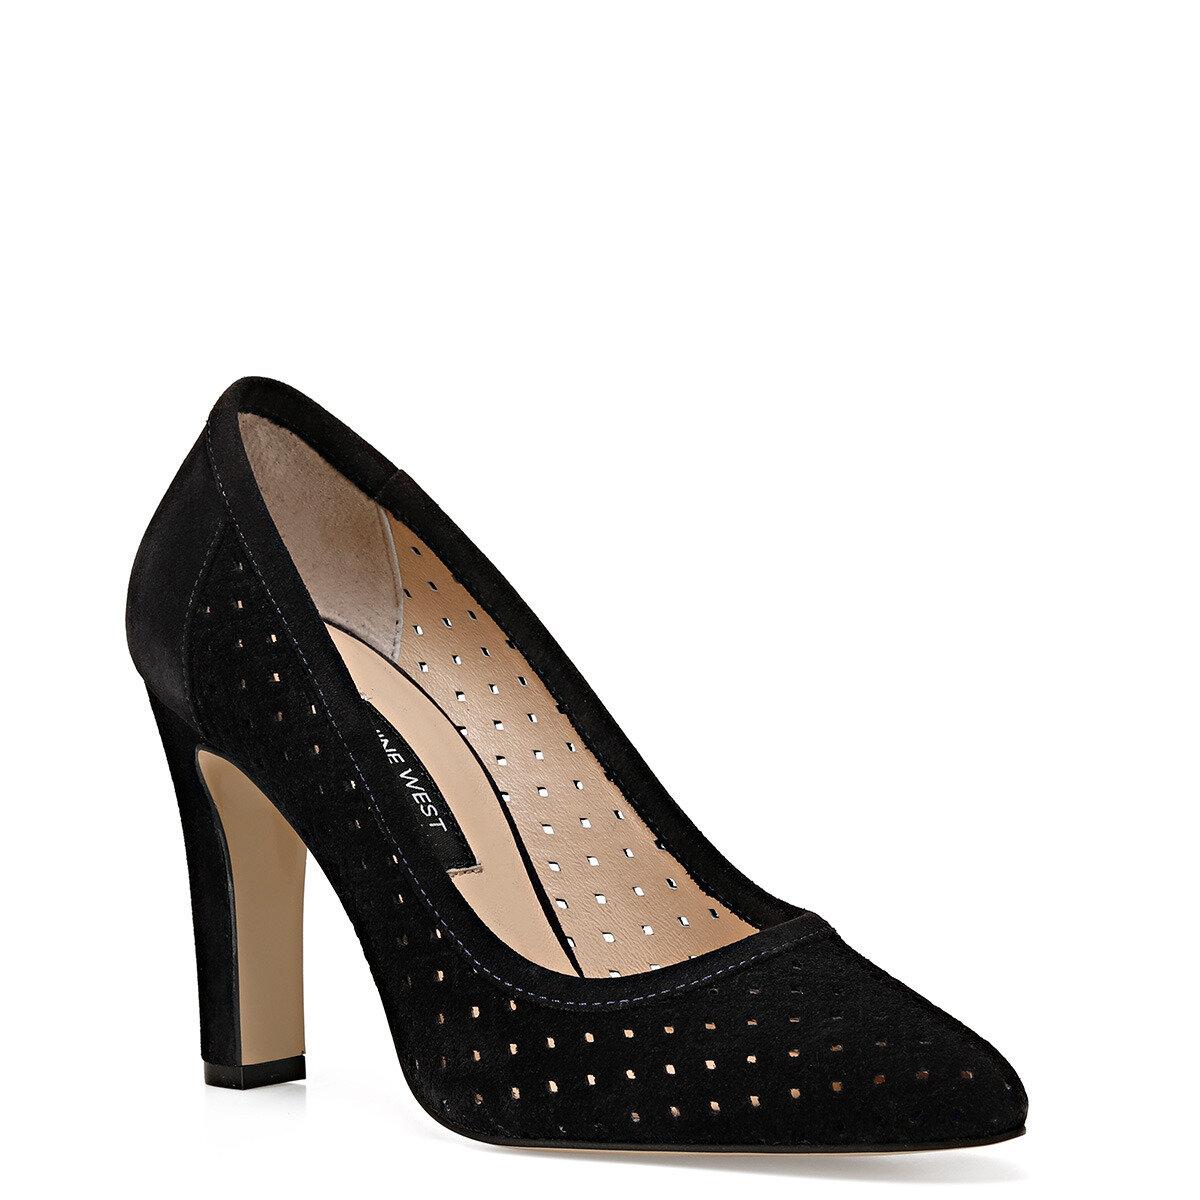 HOLDEN Lacivert Kadın Topuklu Ayakkabı